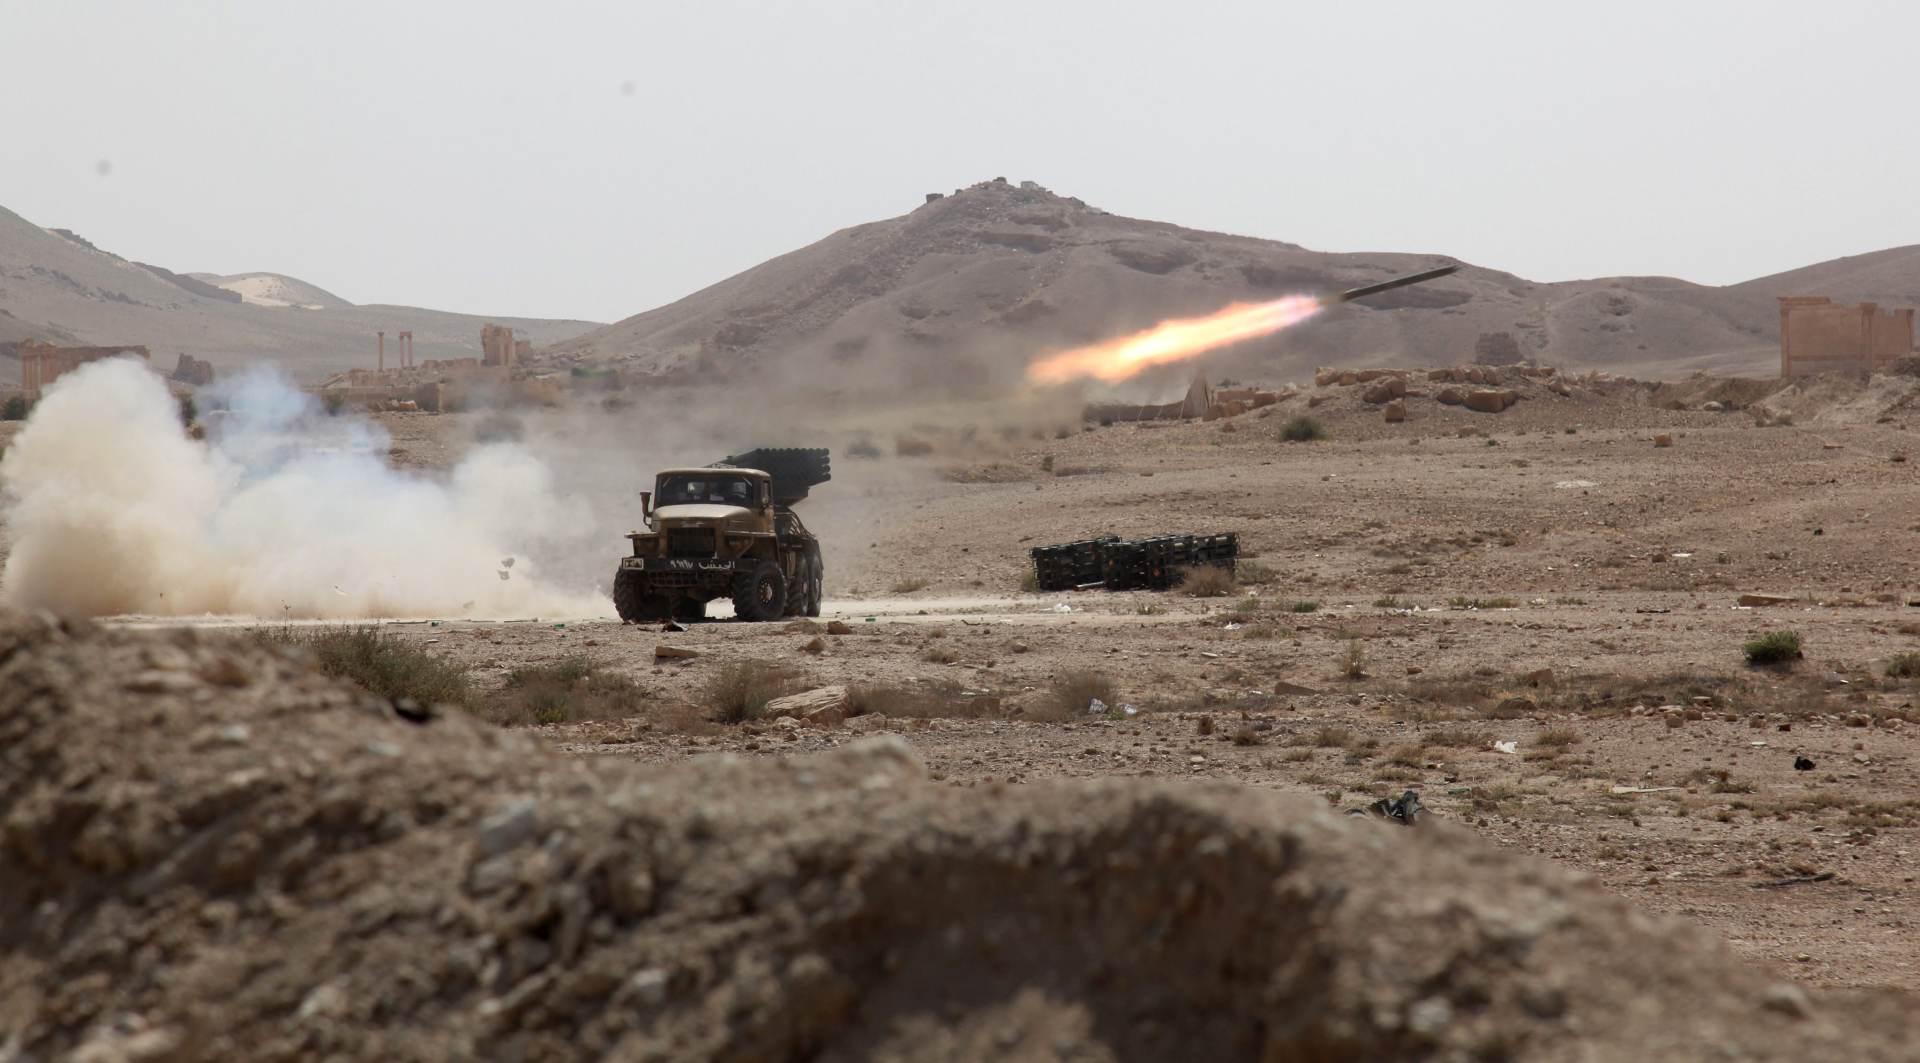 Sirija: Asadove snage na ulazu u antički grad Palmiru